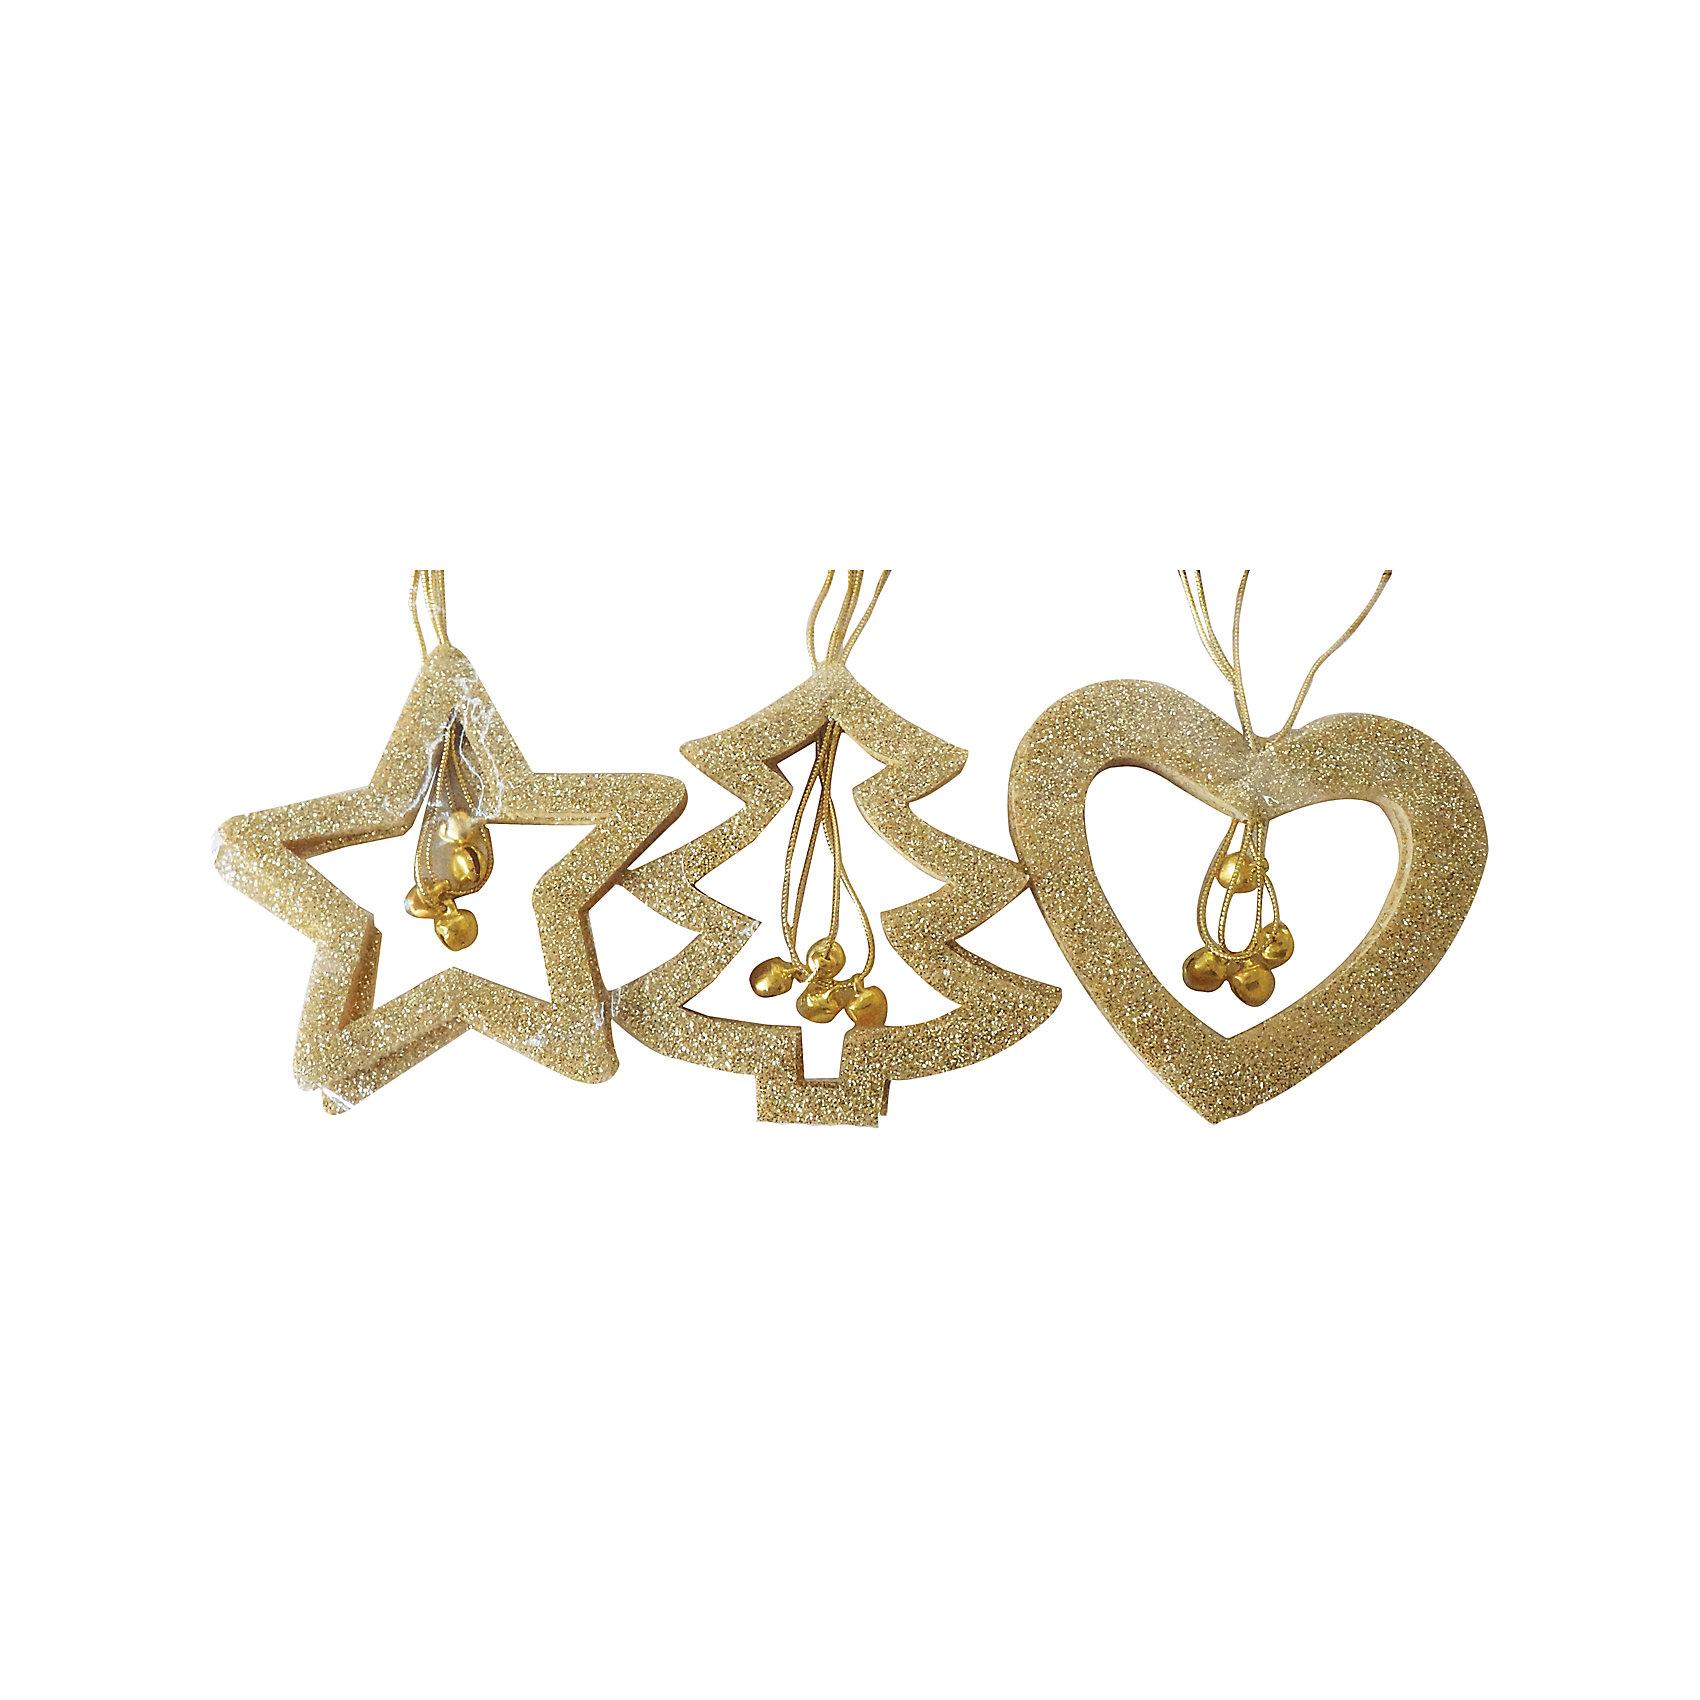 Набор  подвесок 7 см, 6 шт, золотоНабор подвесок золотого цвета украсит ваш интерьер и придаст ему новогоднее настроение.Размер подвески 7 см.В наборе 6 шт<br><br>Ширина мм: 200<br>Глубина мм: 140<br>Высота мм: 10<br>Вес г: 18<br>Возраст от месяцев: 36<br>Возраст до месяцев: 420<br>Пол: Унисекс<br>Возраст: Детский<br>SKU: 5078431